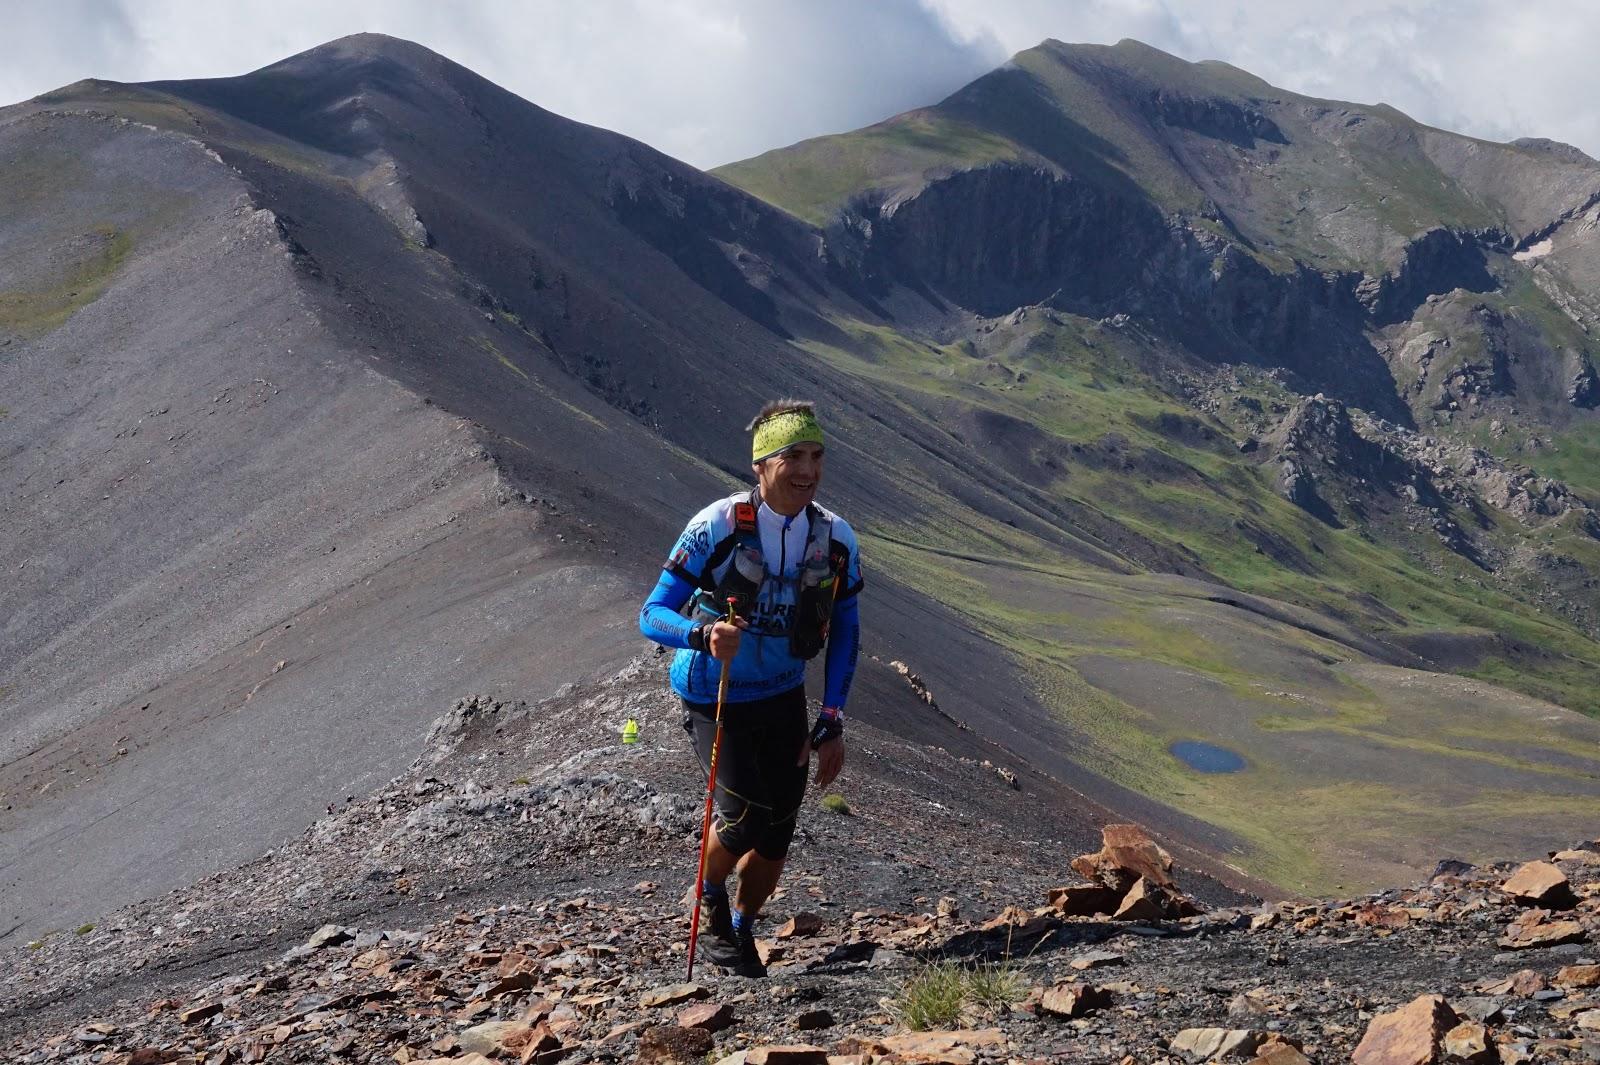 Subida Pic d'Estiba Freda (2.691 m) con un palo roto